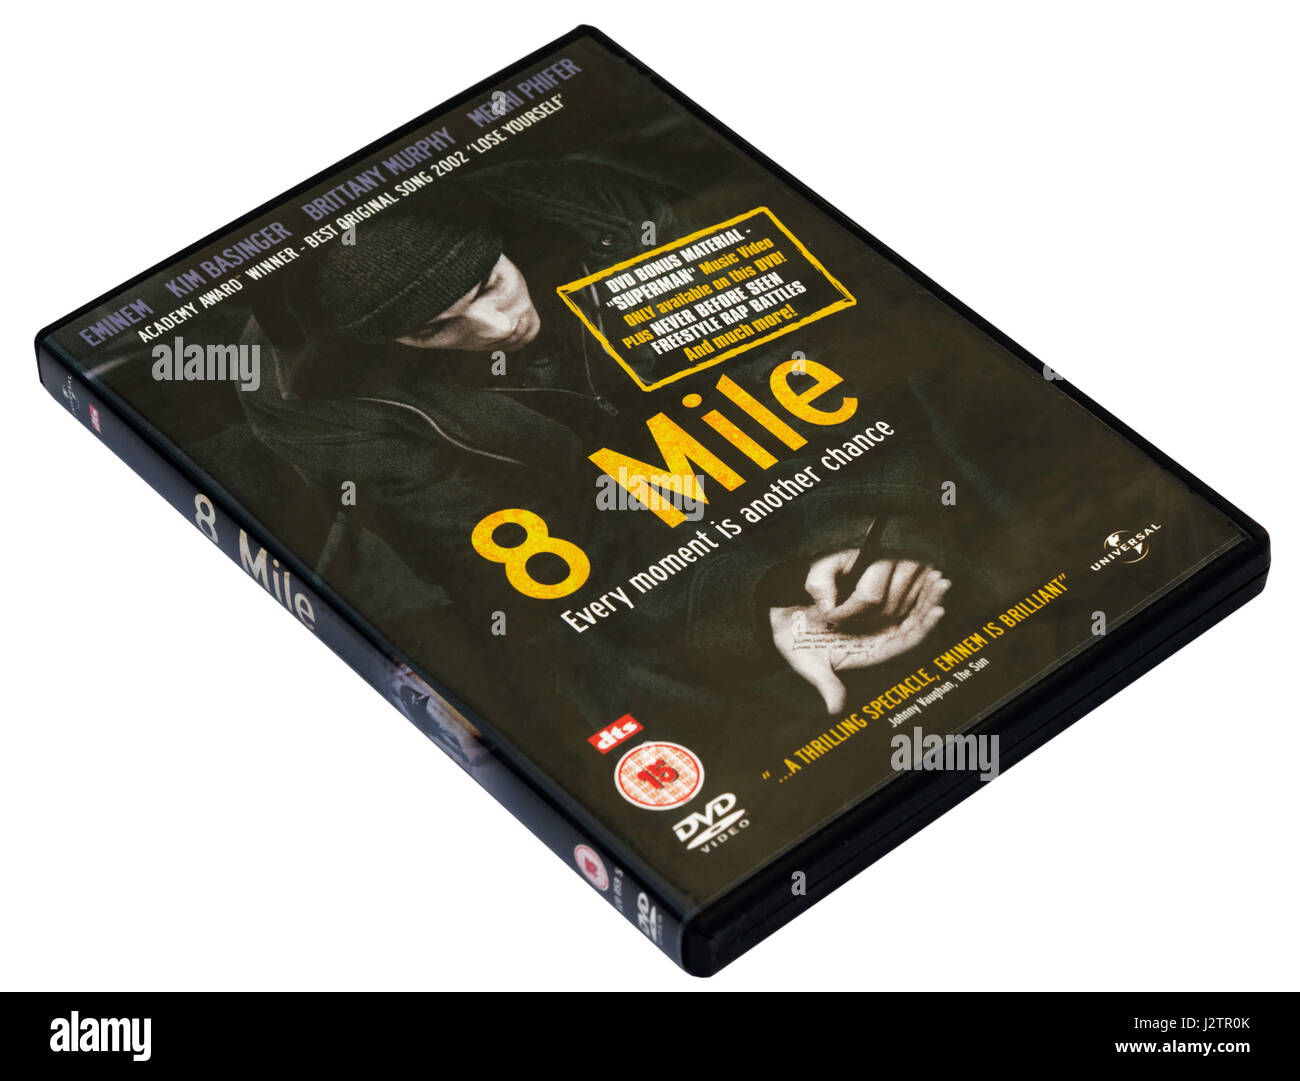 Eminem's film 8 Mile DVD - Stock Image